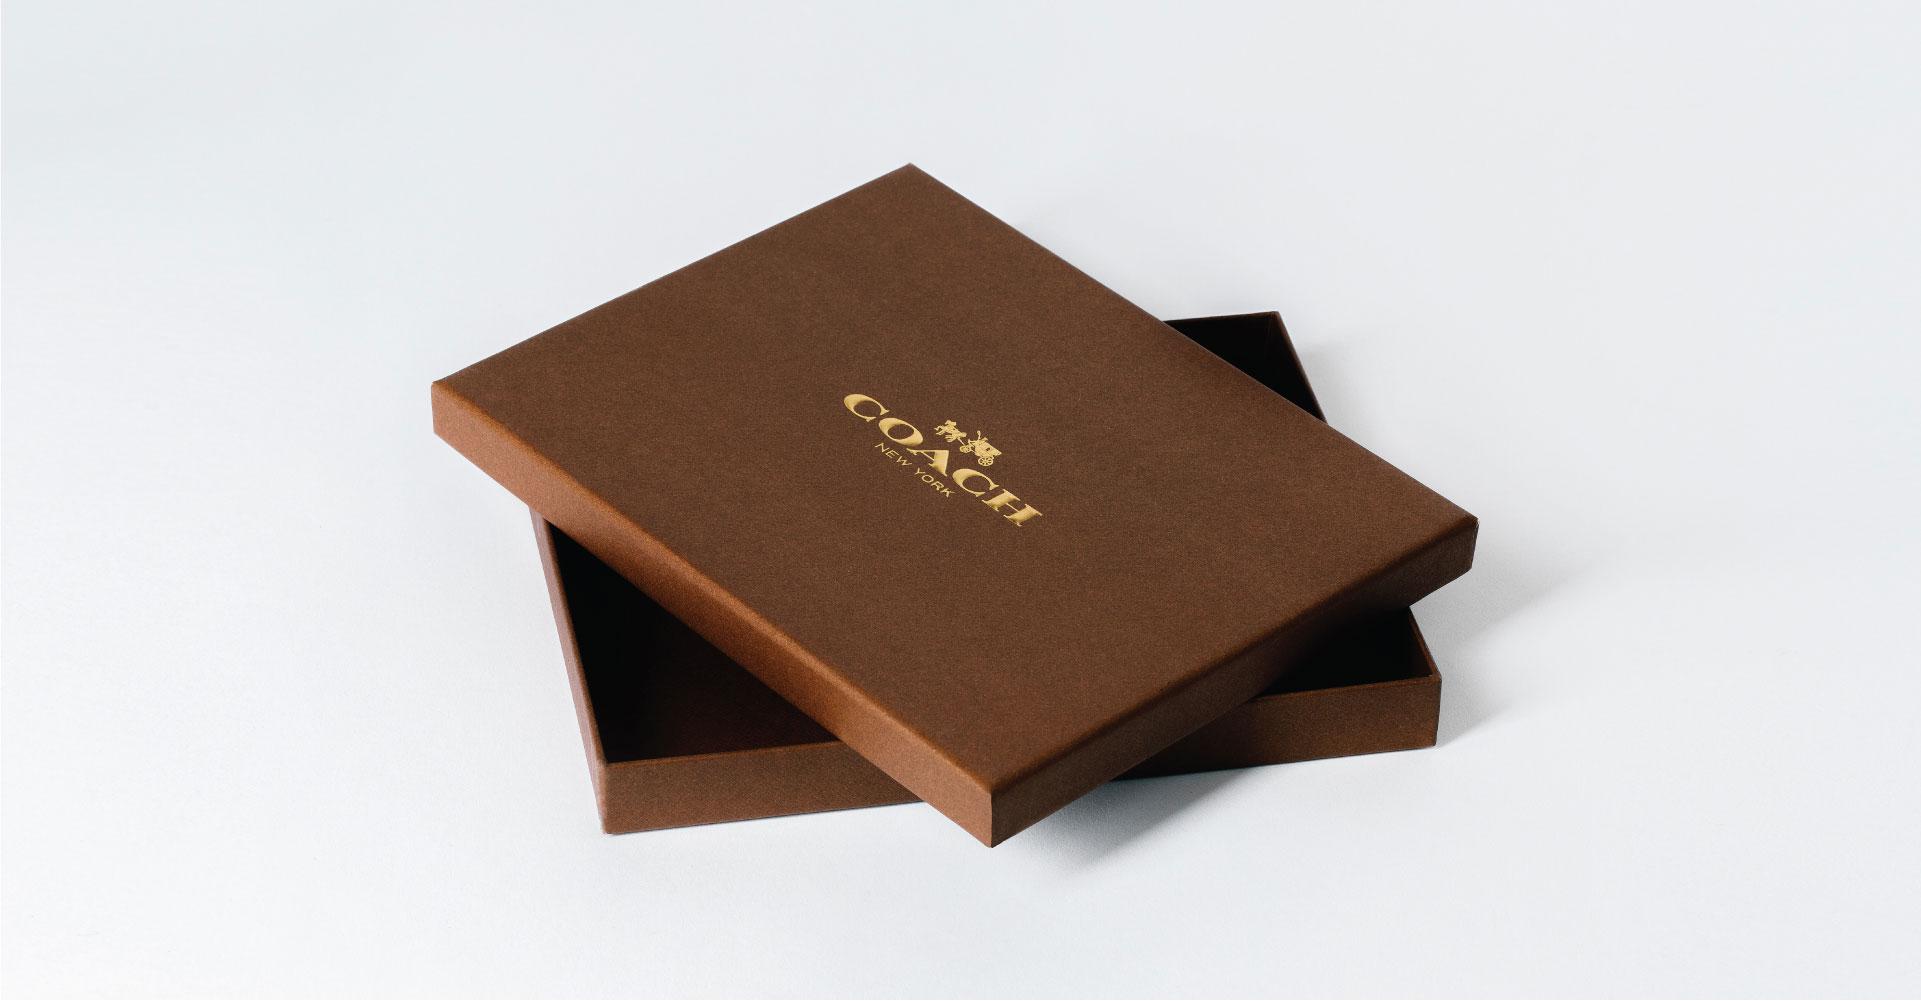 Creative_Retail_Packaging_Package_Design_Luxury_Coach_08.jpg